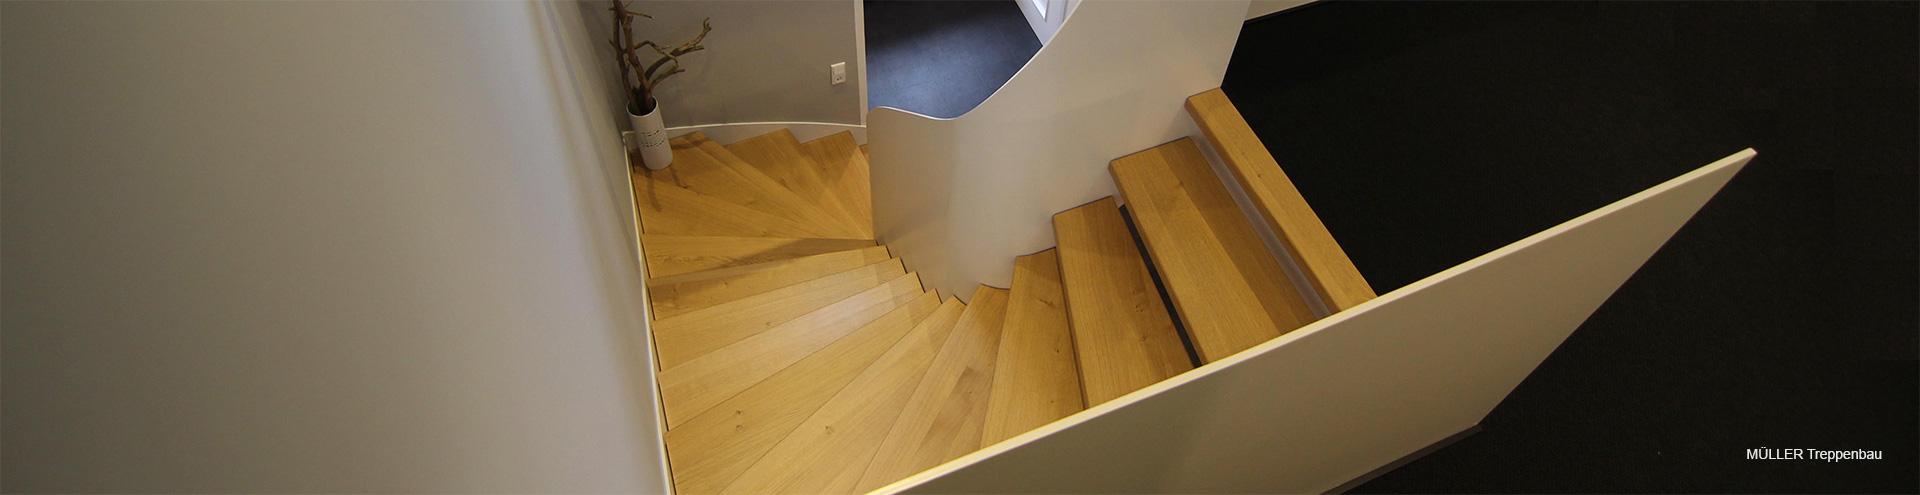 Treppen Bauer treppen de finden sie treppenbauer für ihre persönliche treppe